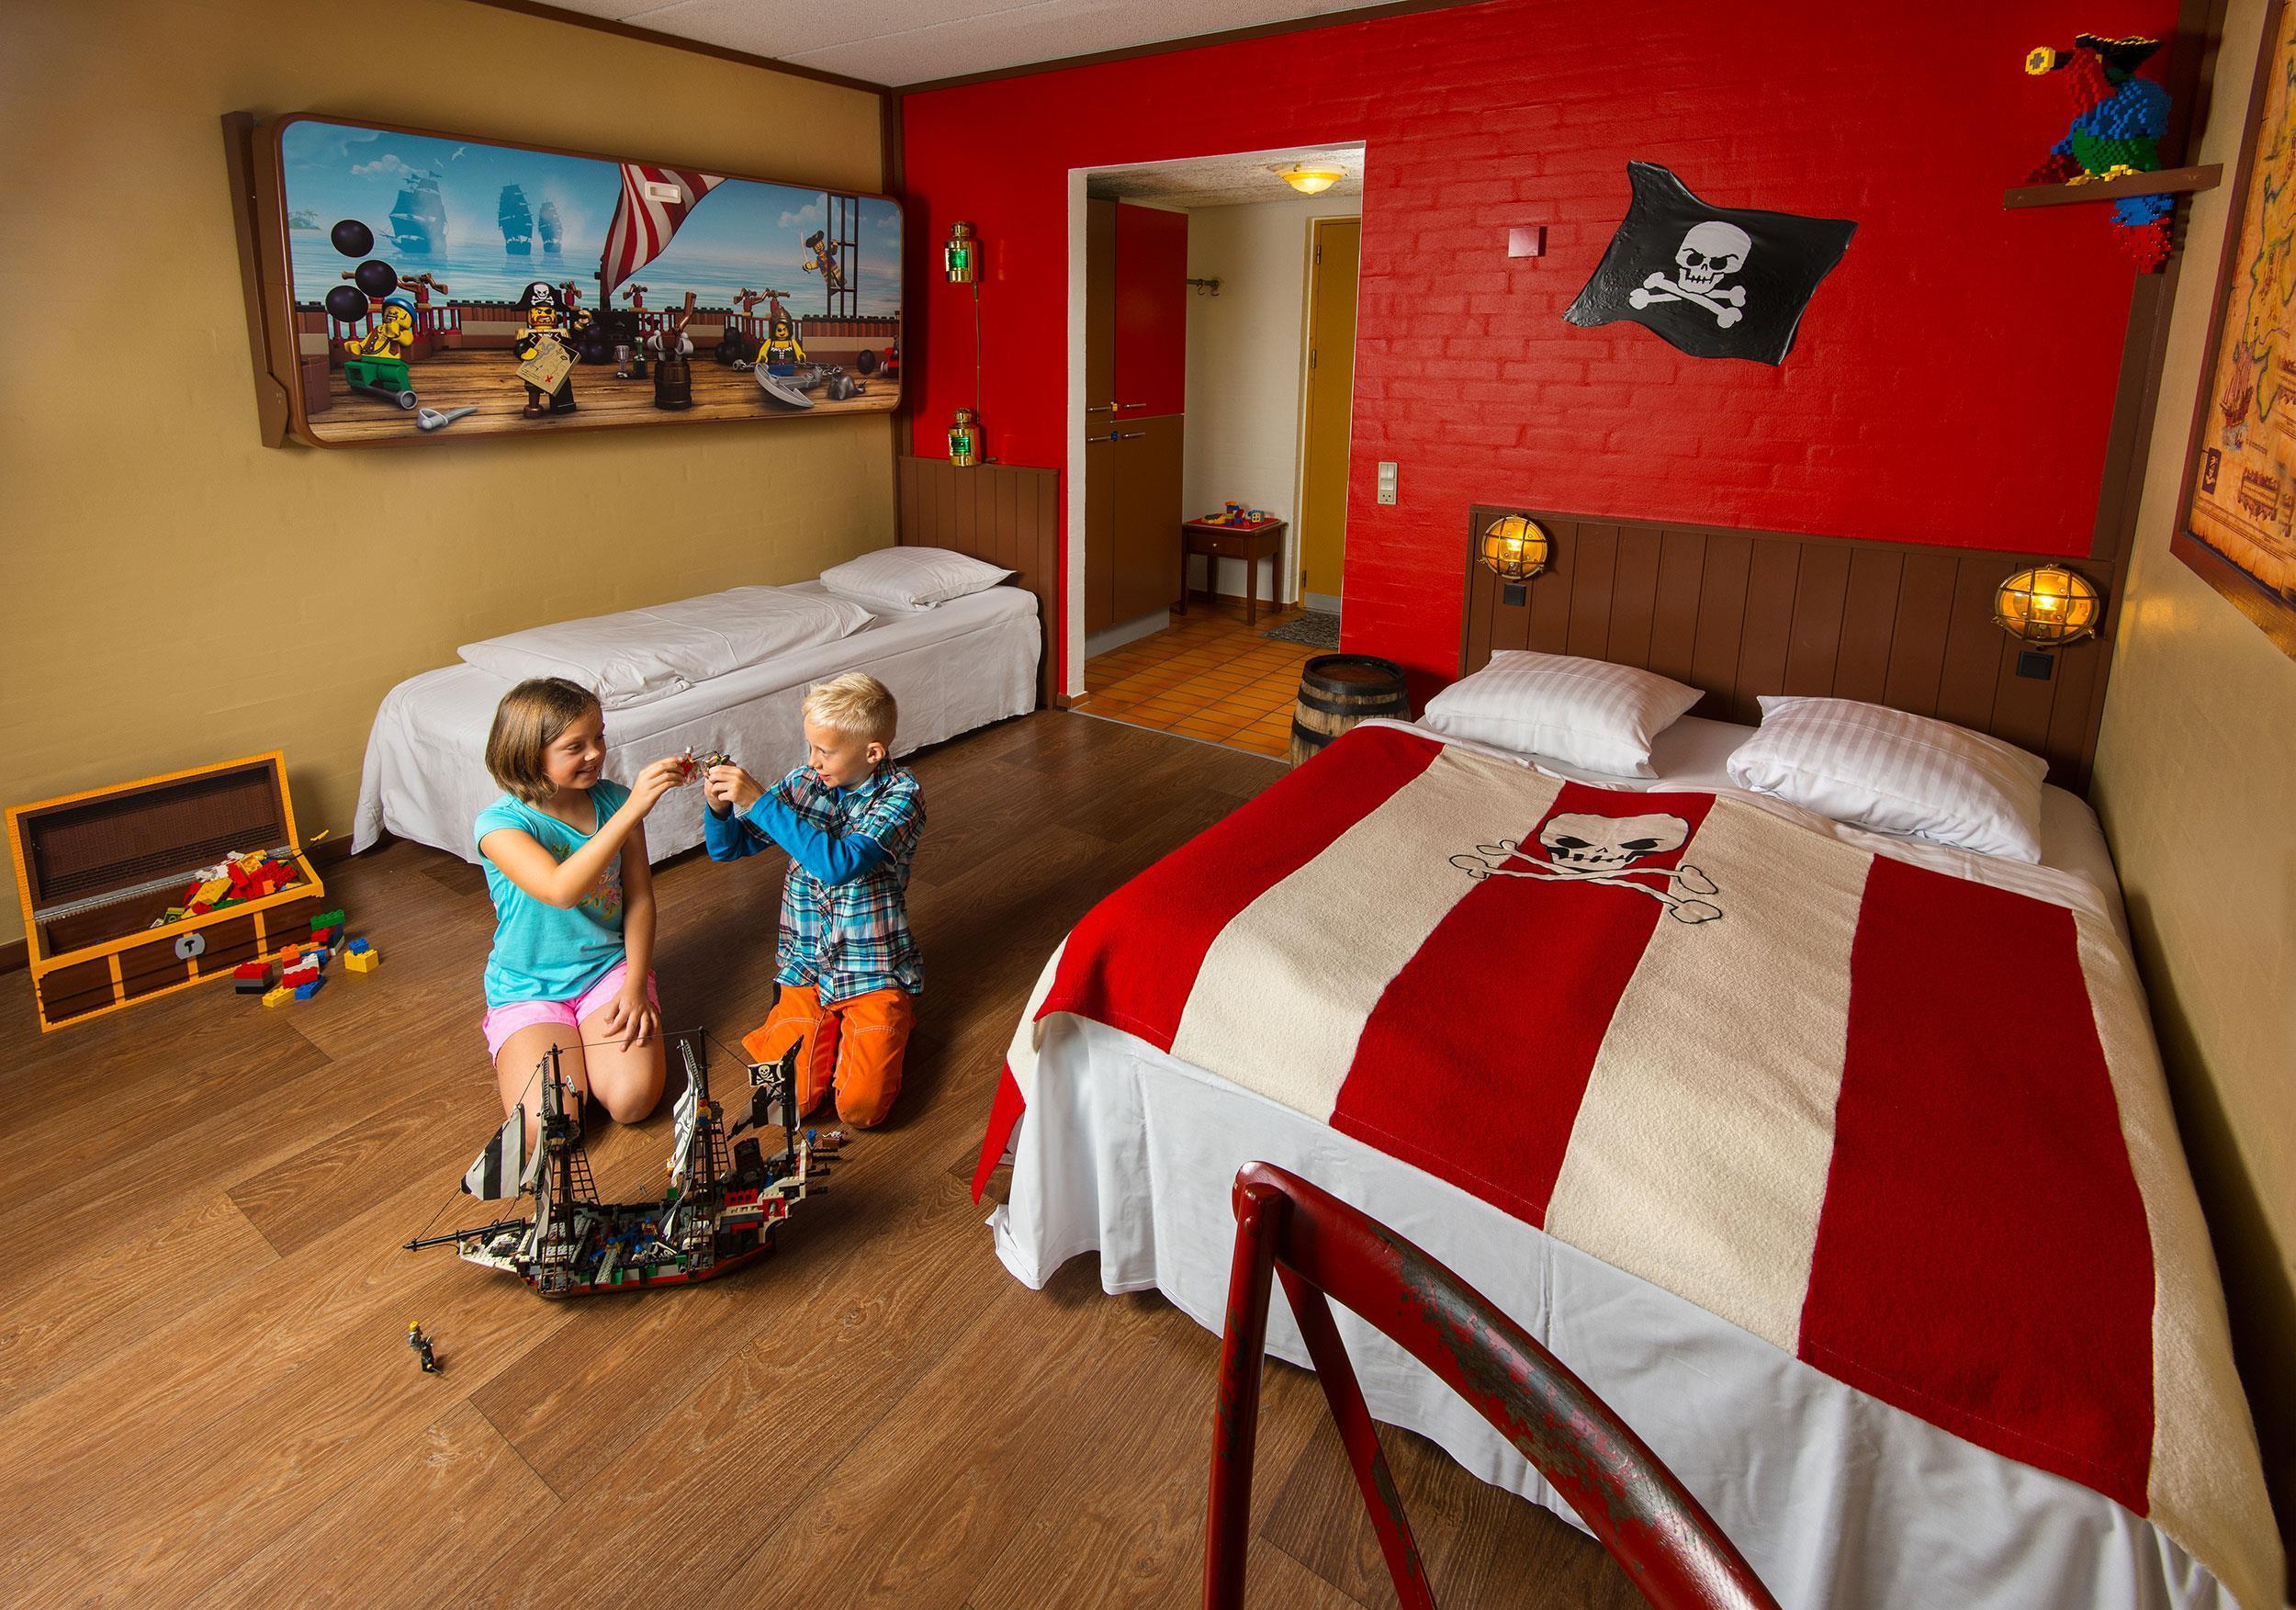 lego ninjago room interior design photos gallery u2022 rh blog delace co